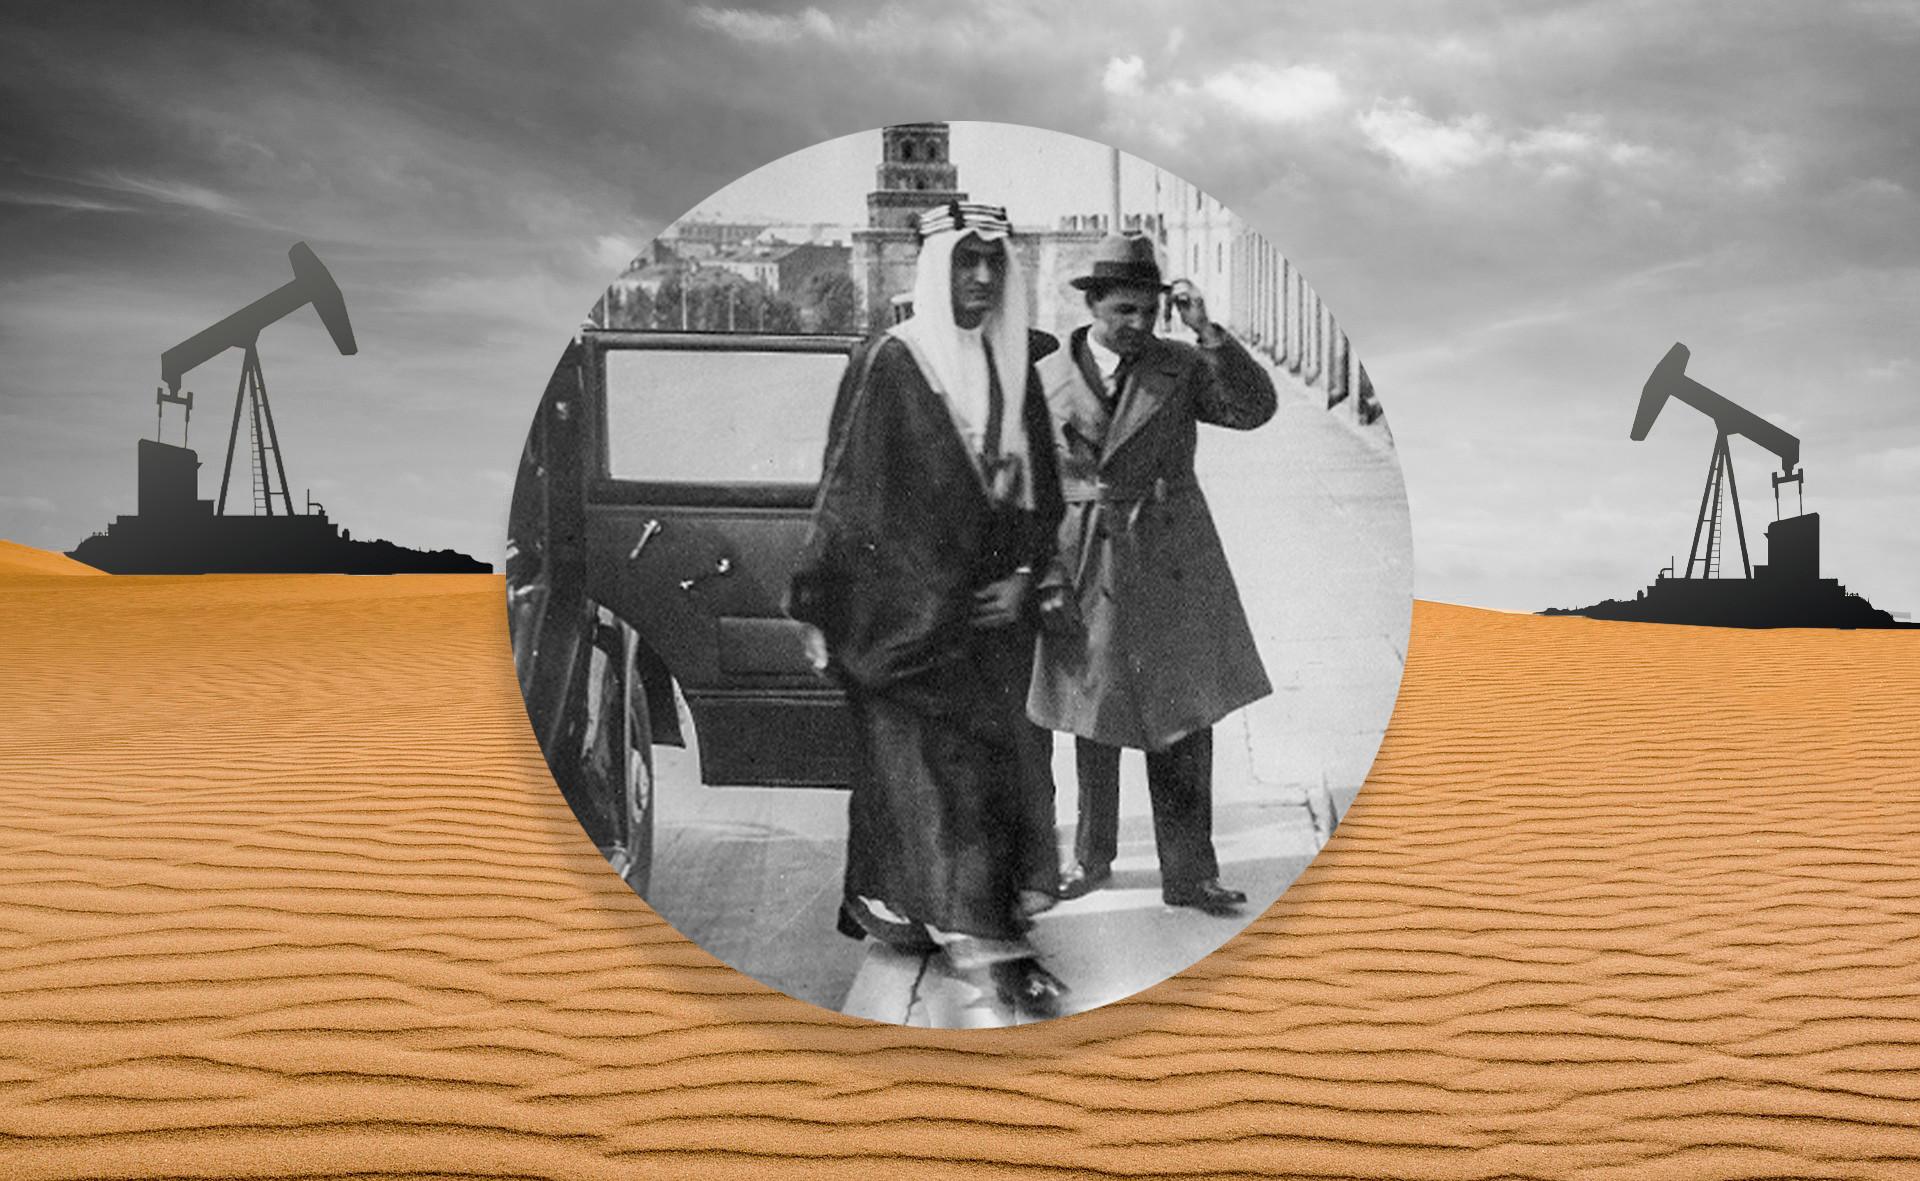 イブン・サウードとカリム・ハキモフ、モスクワのクレムリン、1932年